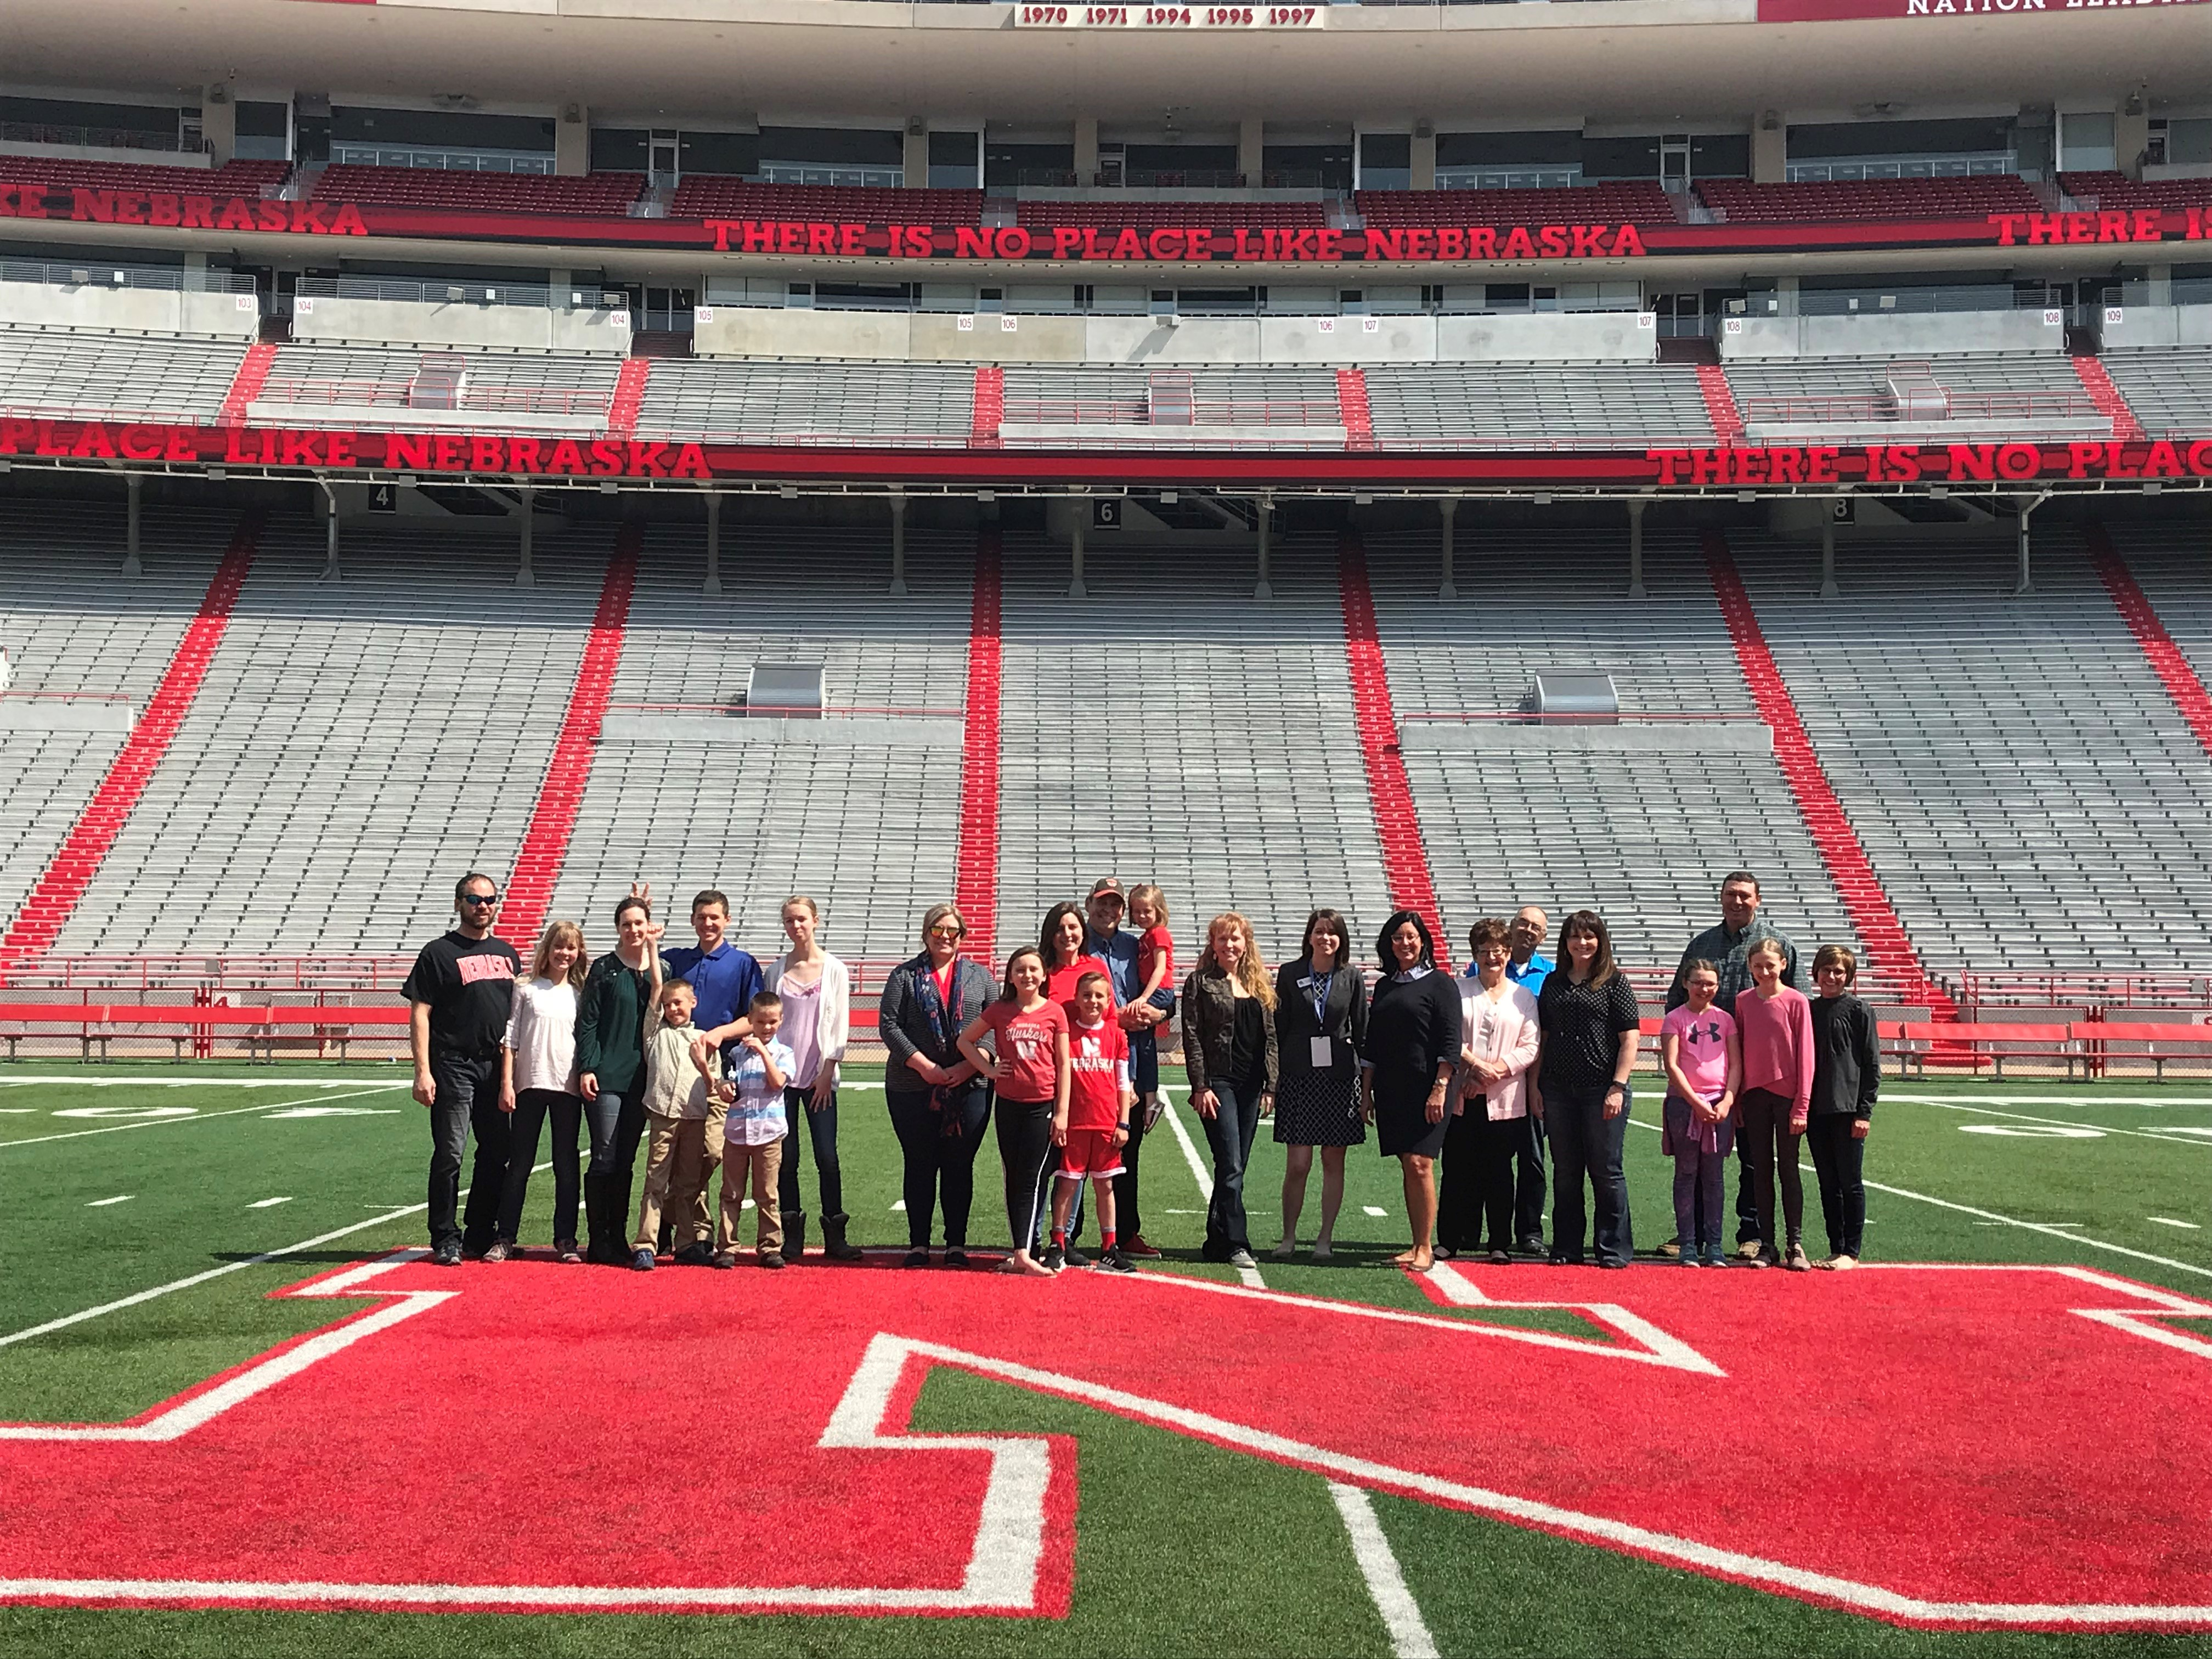 Memorial Stadium Tour Group